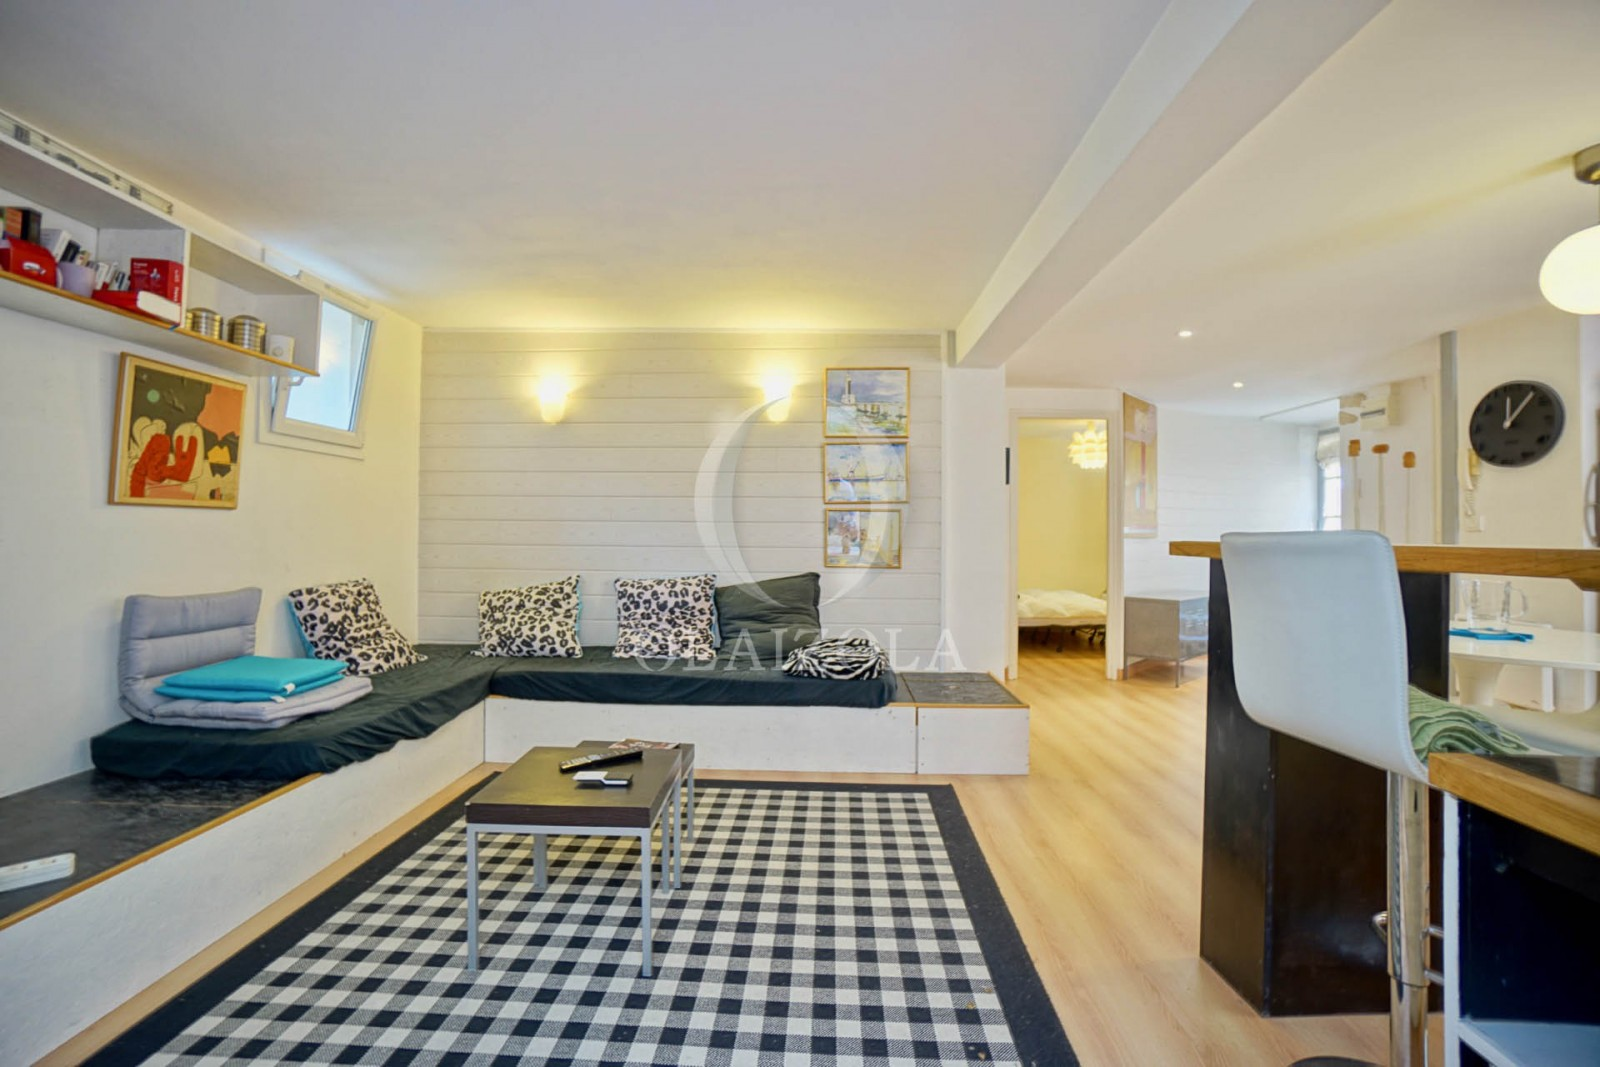 Location maison biarritz le bon coin ventana blog - Le bon coin 64 location appartement ...